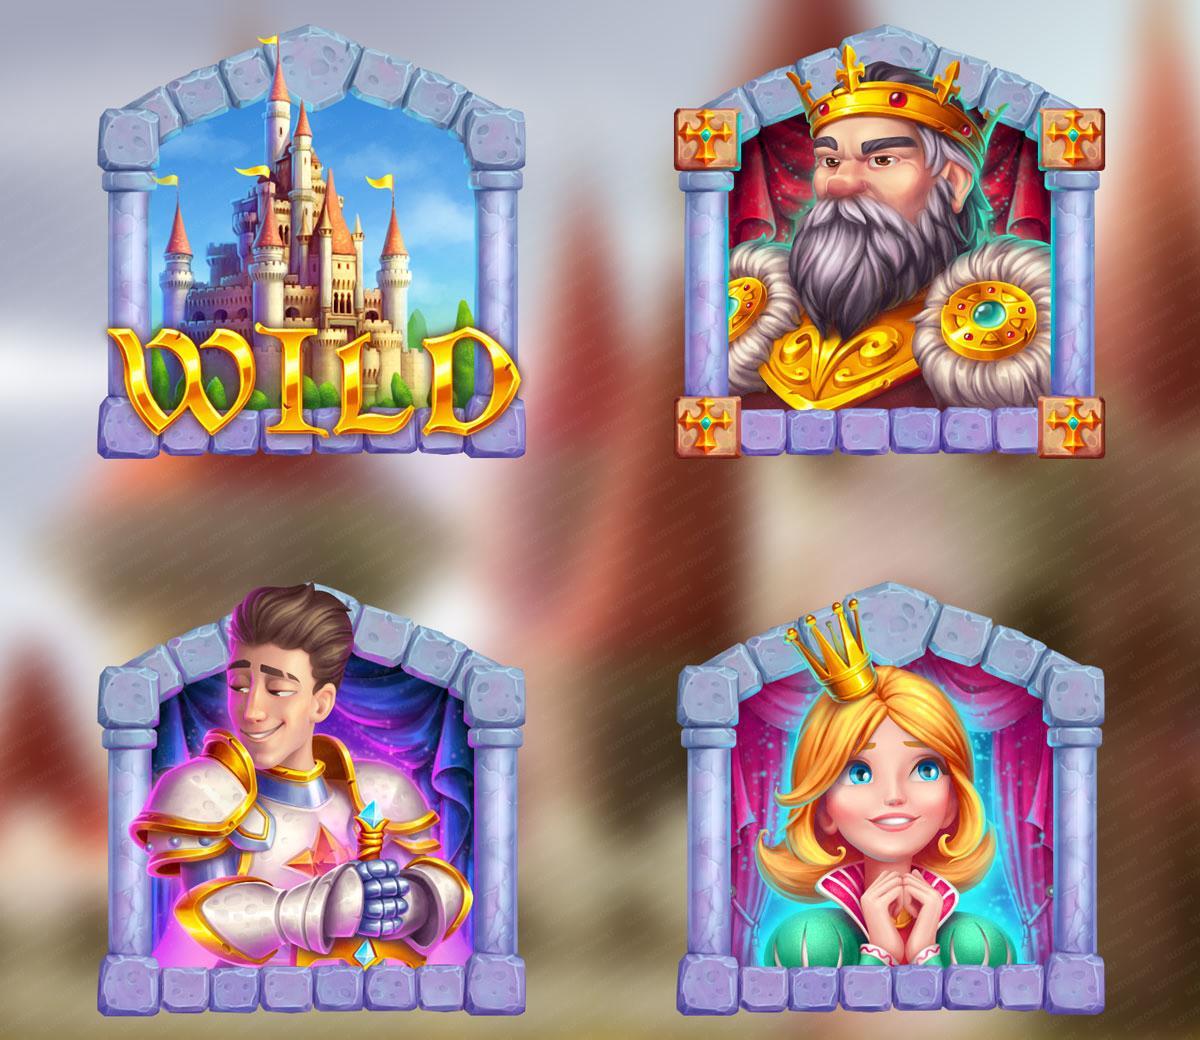 knight_quest_symbols-1